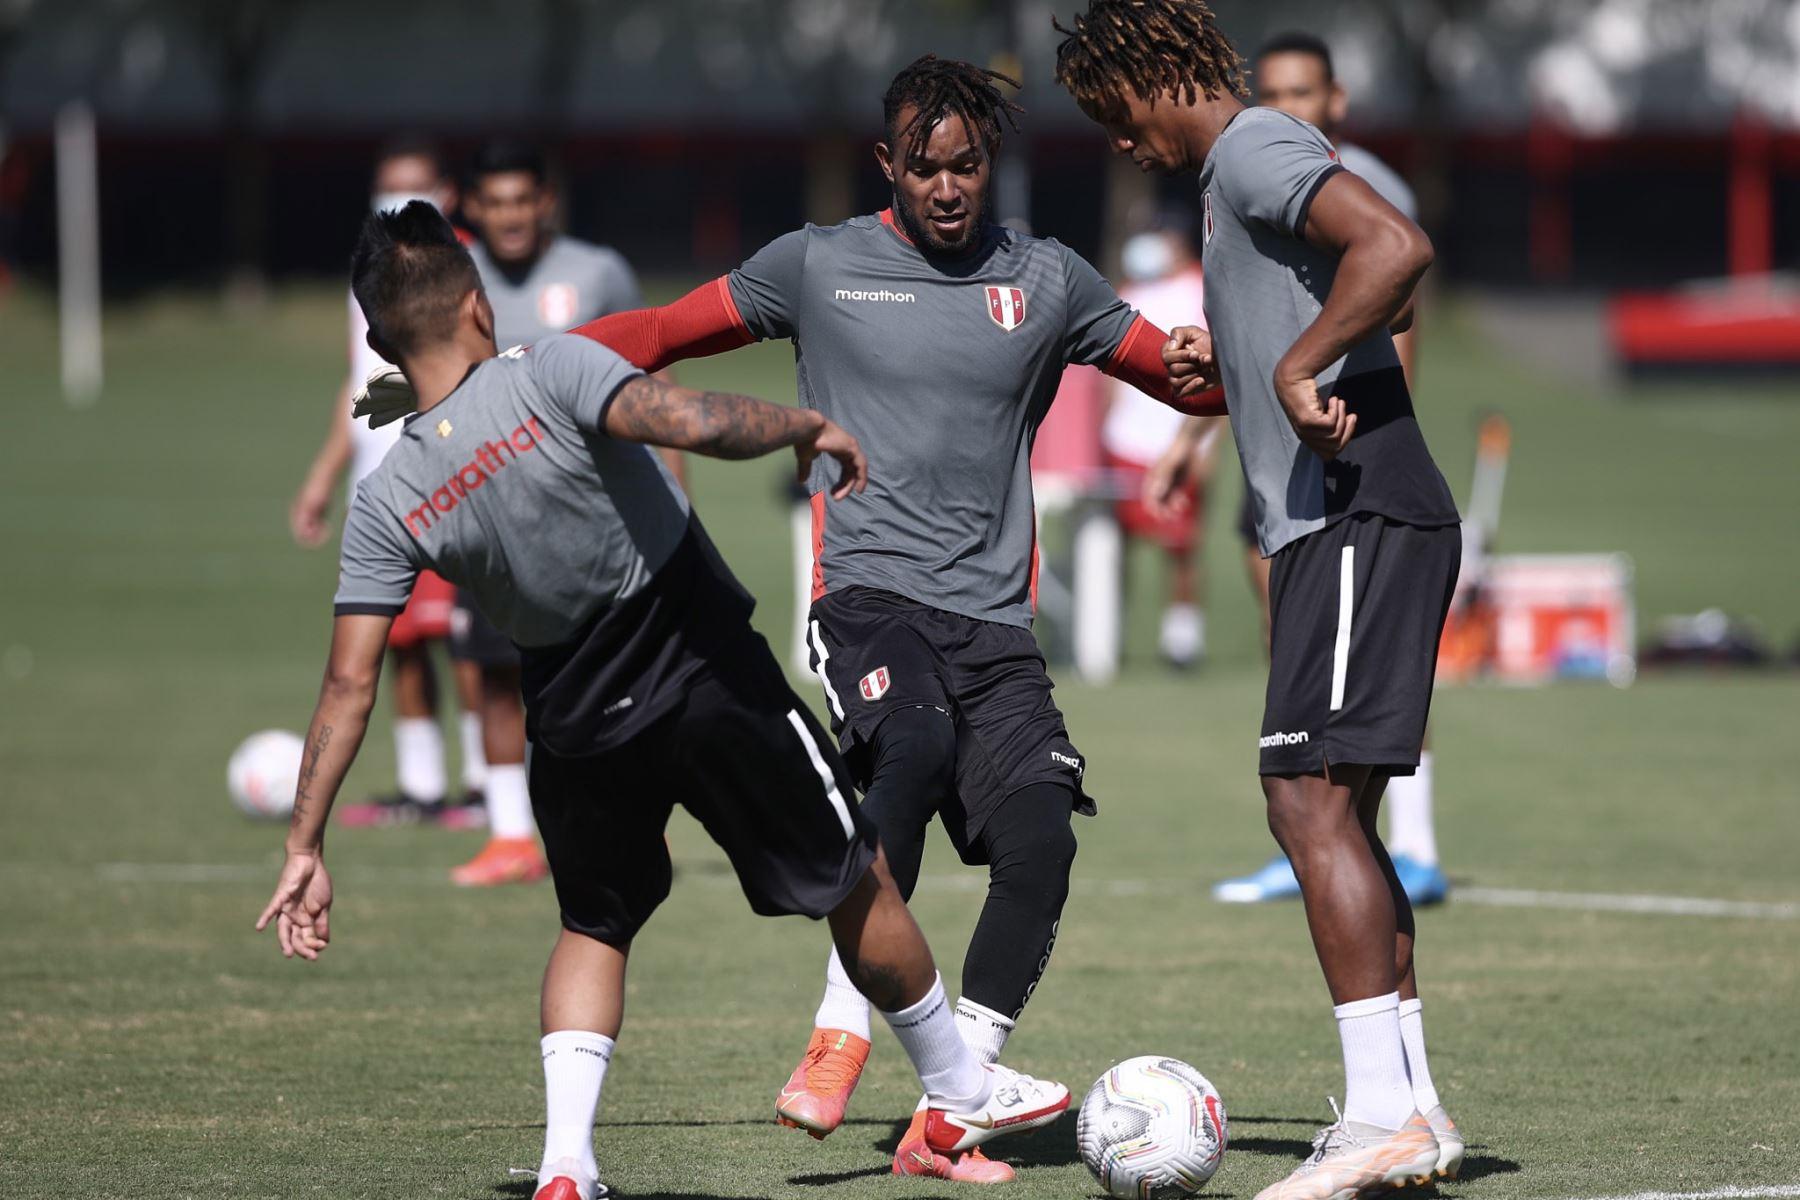 A un día del duelo ante Ecuador, la selección peruana continuó con su preparación en el campo de entrenamiento del Atlético Goianense con la mira puesta en afrontar su tercer encuentro en esta Copa América 2021. En la imagen André Carillo. Foto: Selección Peruana